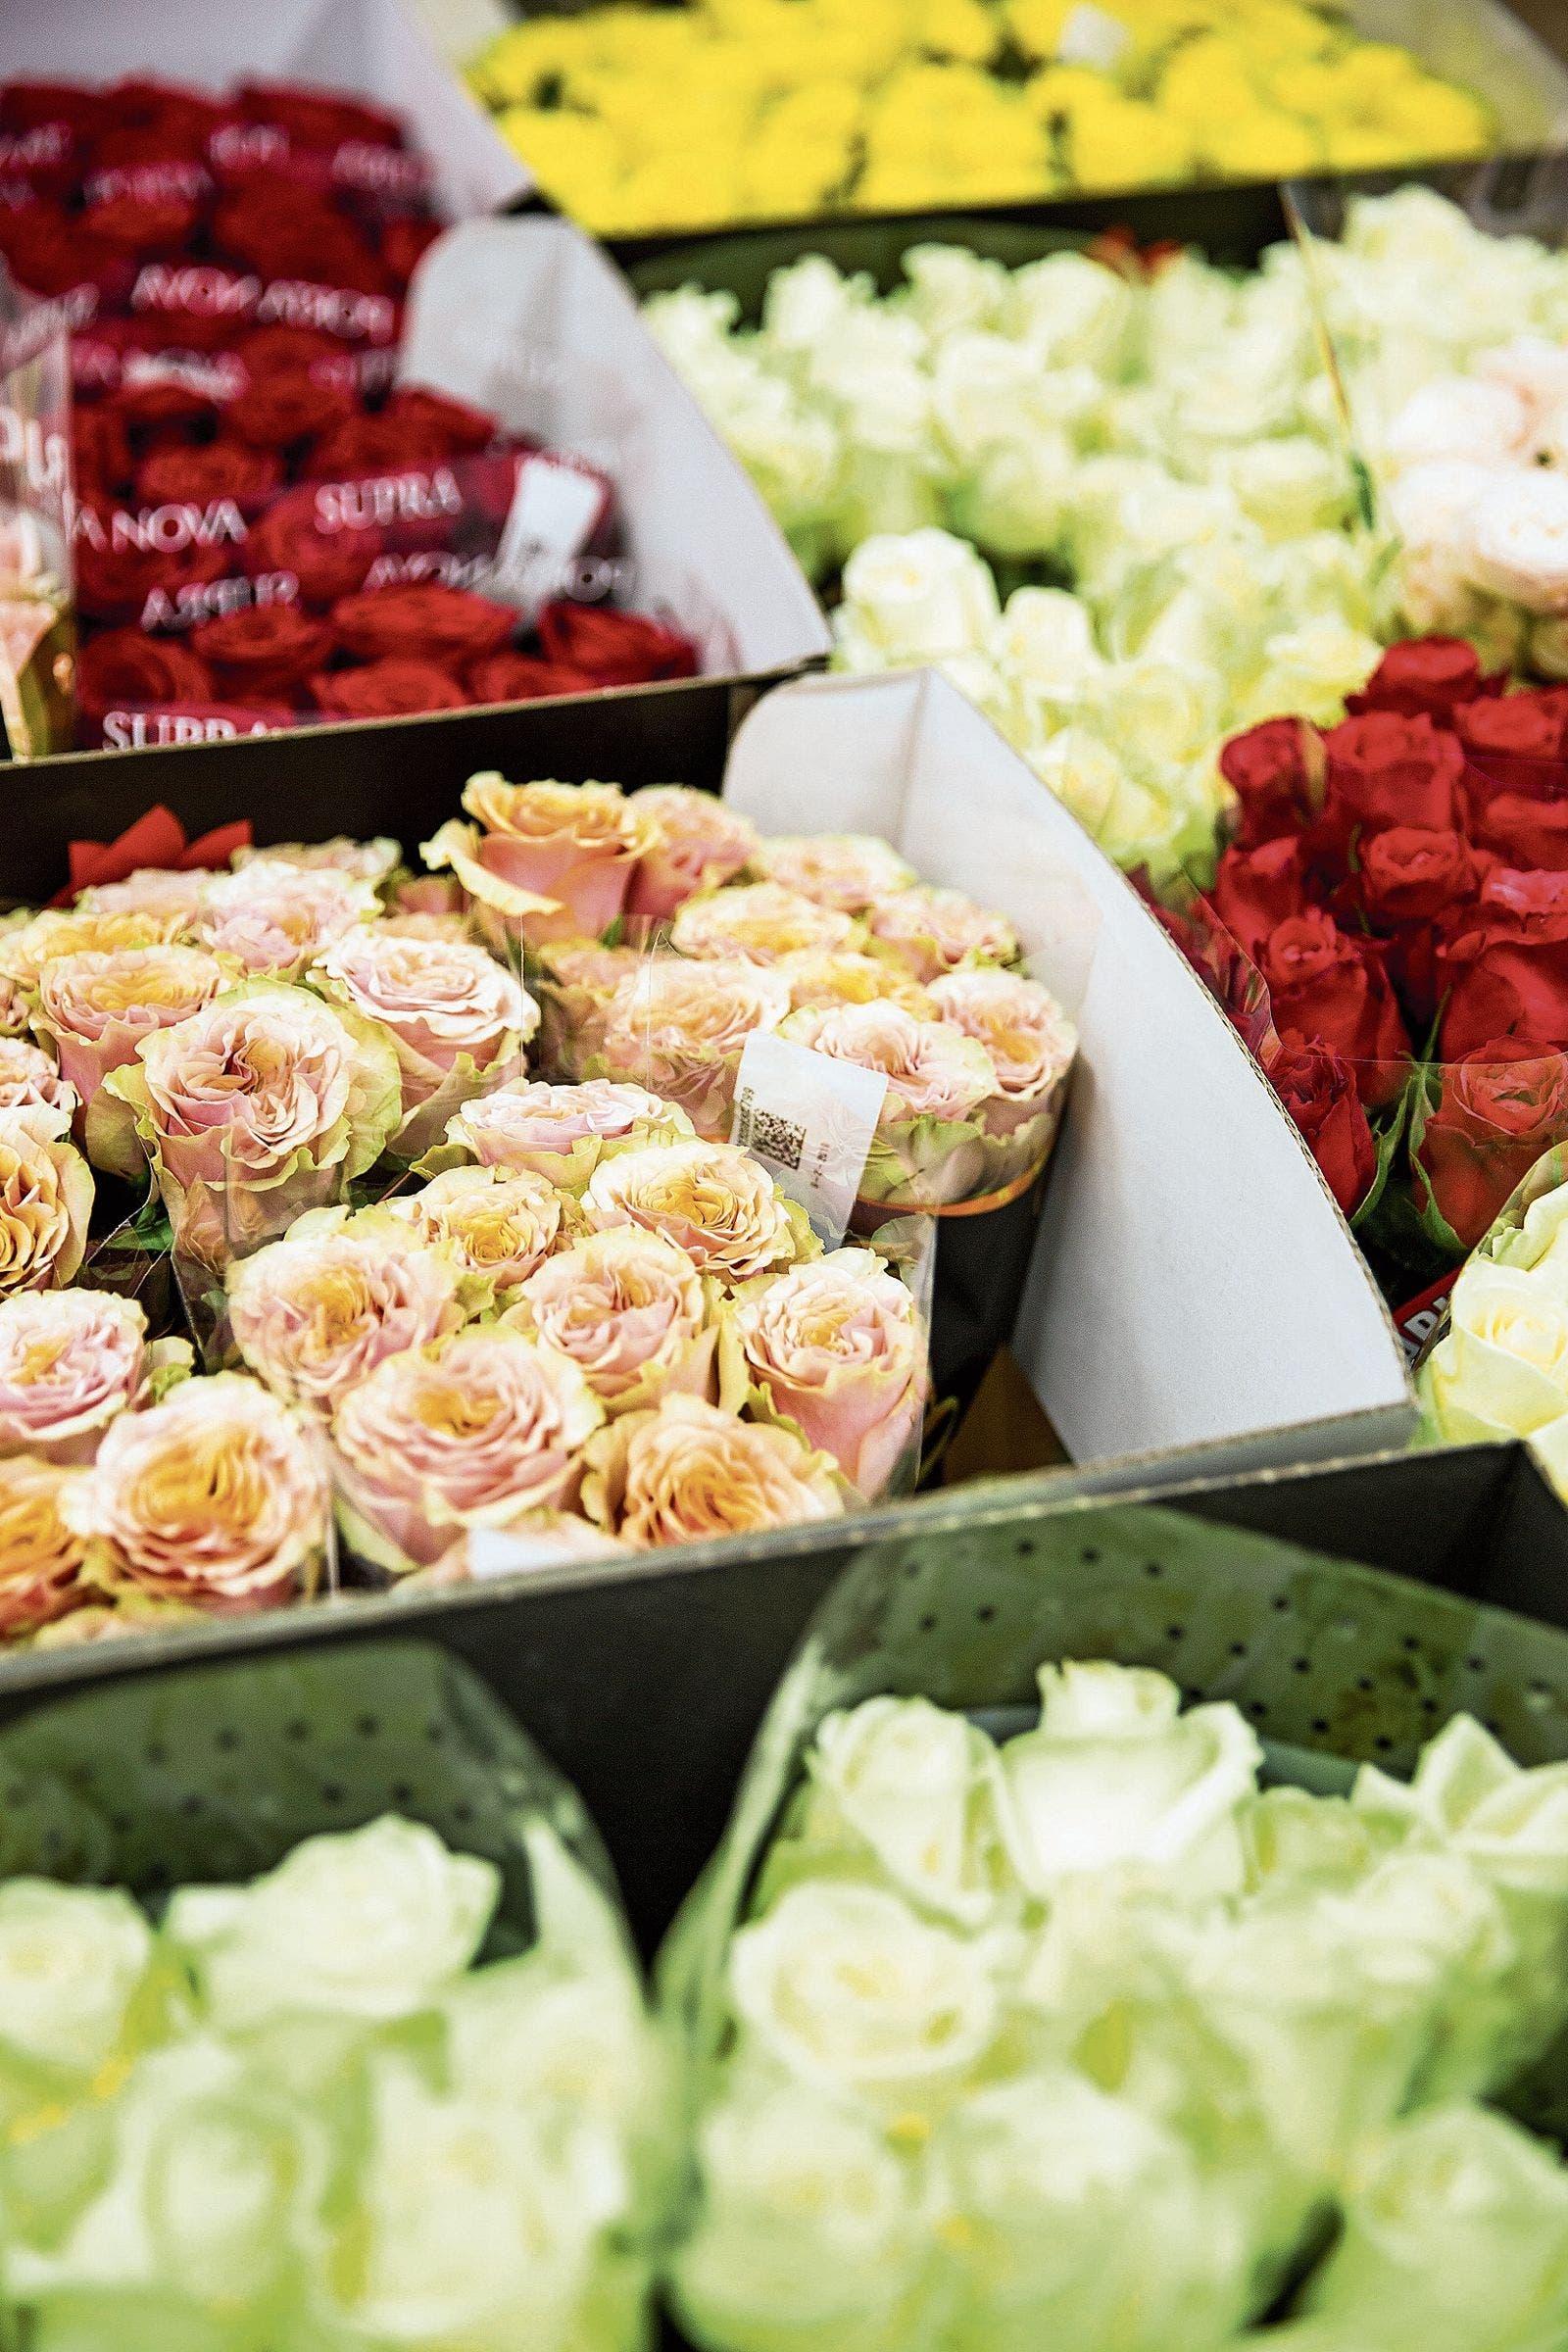 Ein rasch vergänglicher Luxusartikel: Blumen sind durchschnittlich eine Woche bis zehn Tage haltbar. (Bild: Mareycke Frehner)